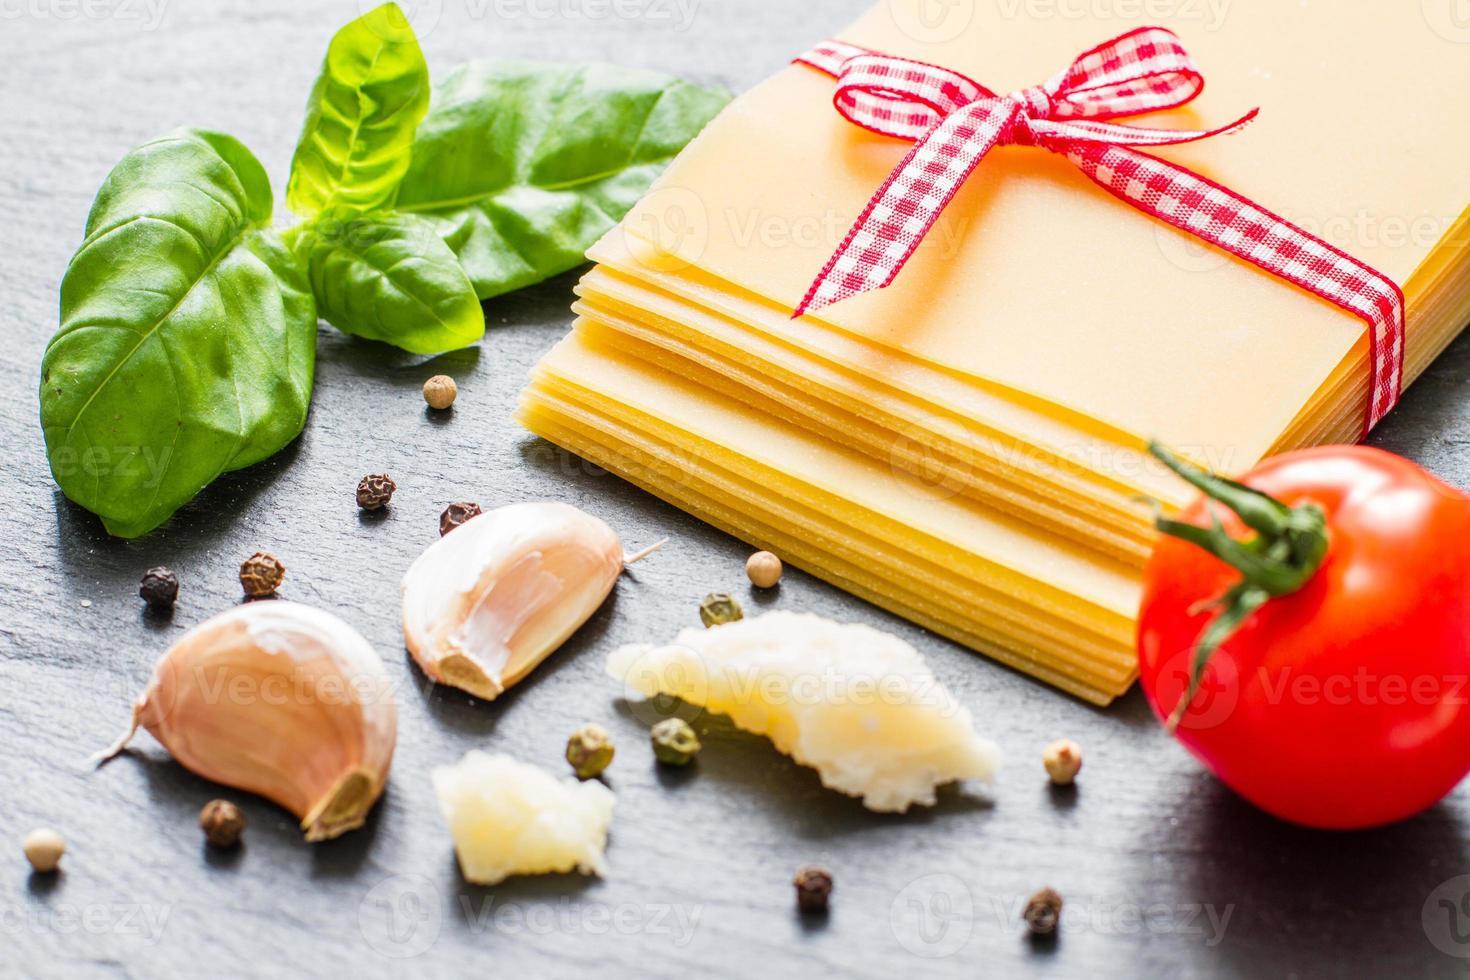 ingredienti lasagne - fogli asciutti, pomodorini, basilico, aglio, formaggio foto